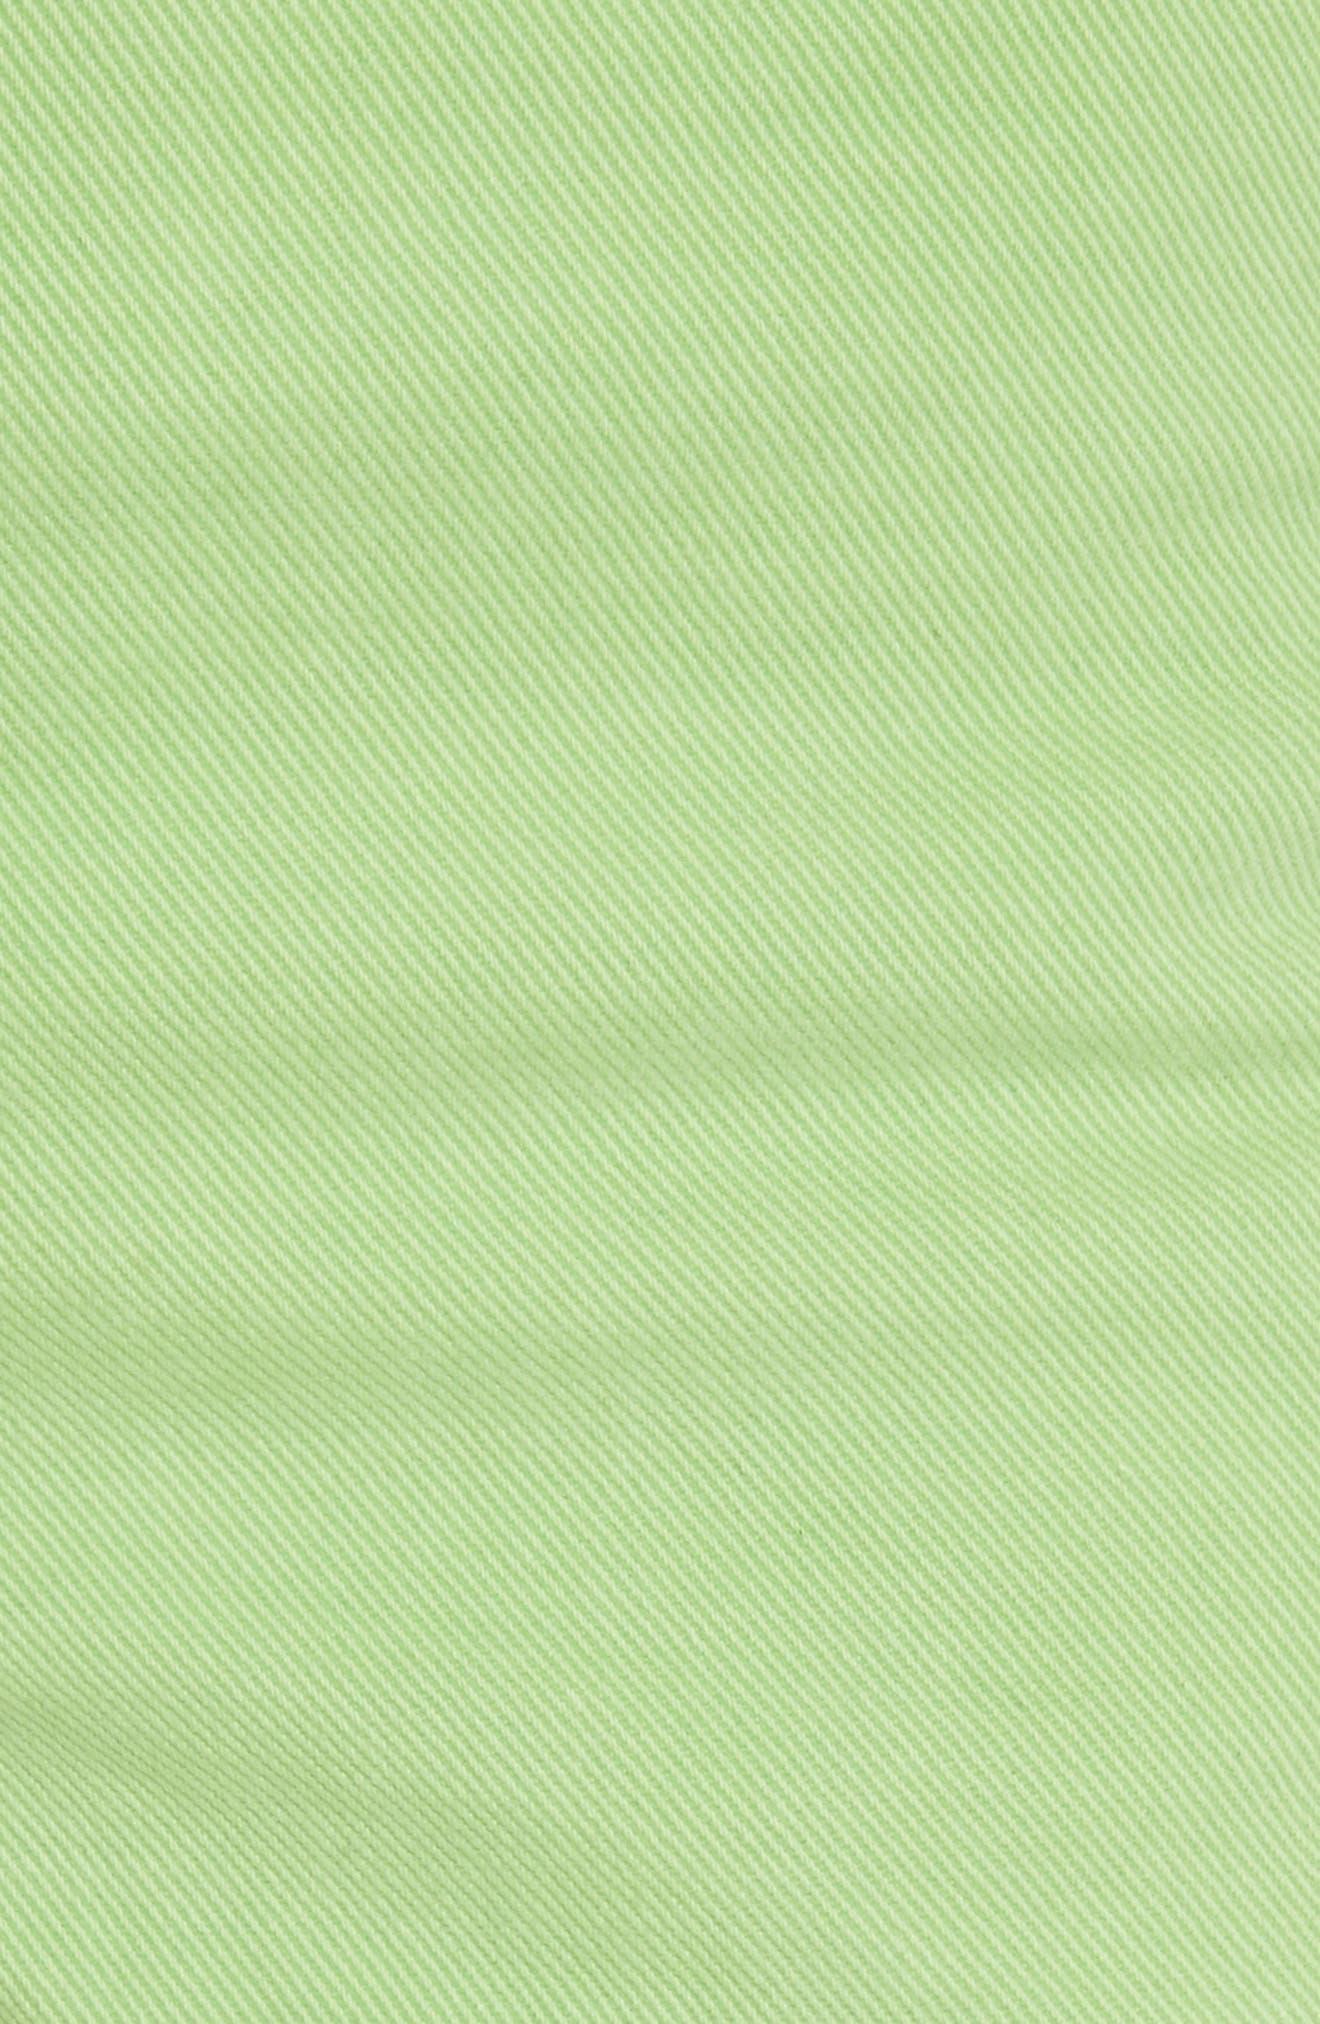 Justine High Waist Denim Shorts,                             Alternate thumbnail 5, color,                             371